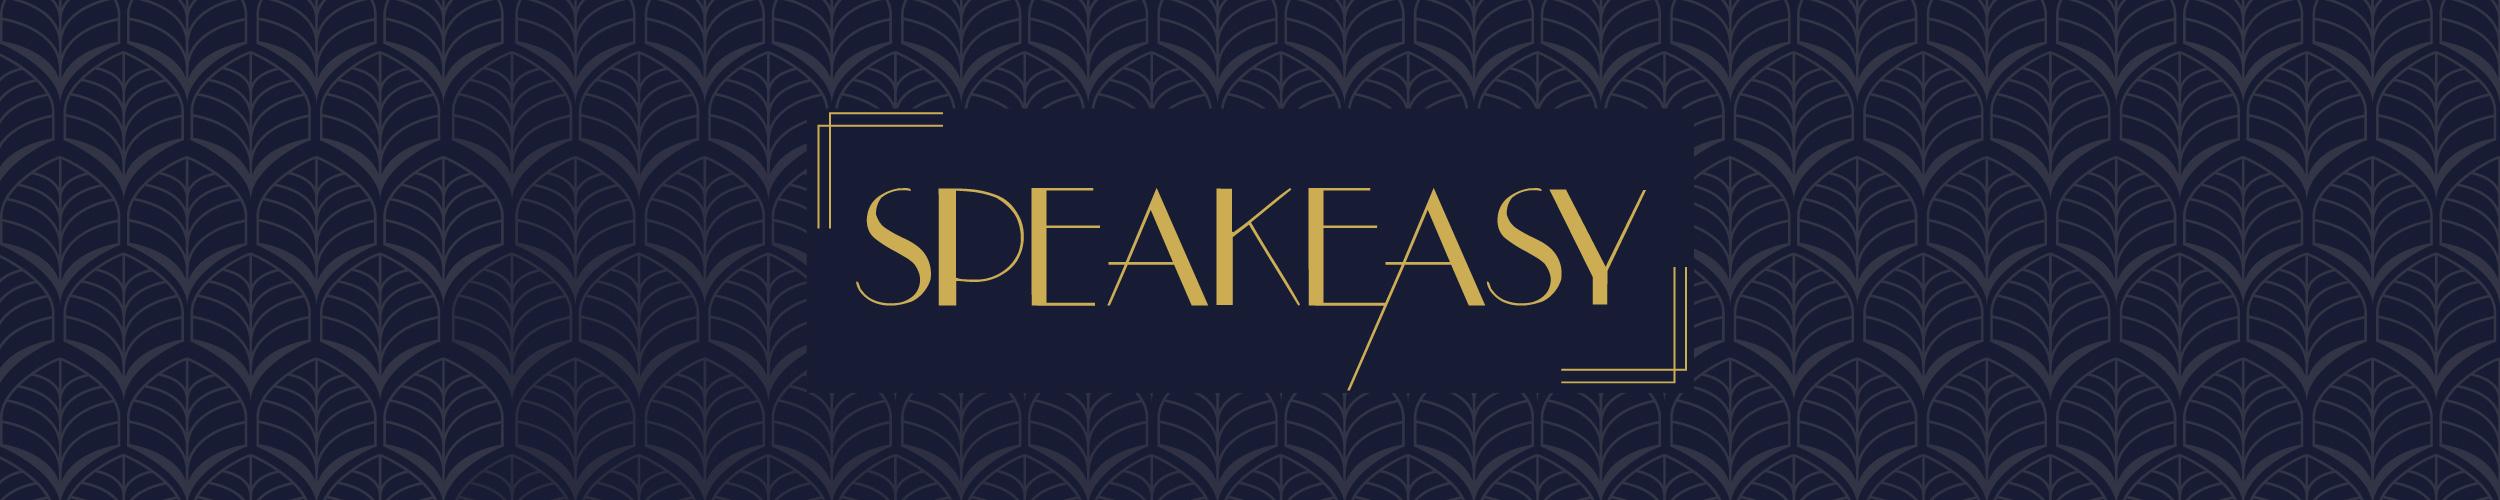 speakeasy_Banner-Arches.jpg